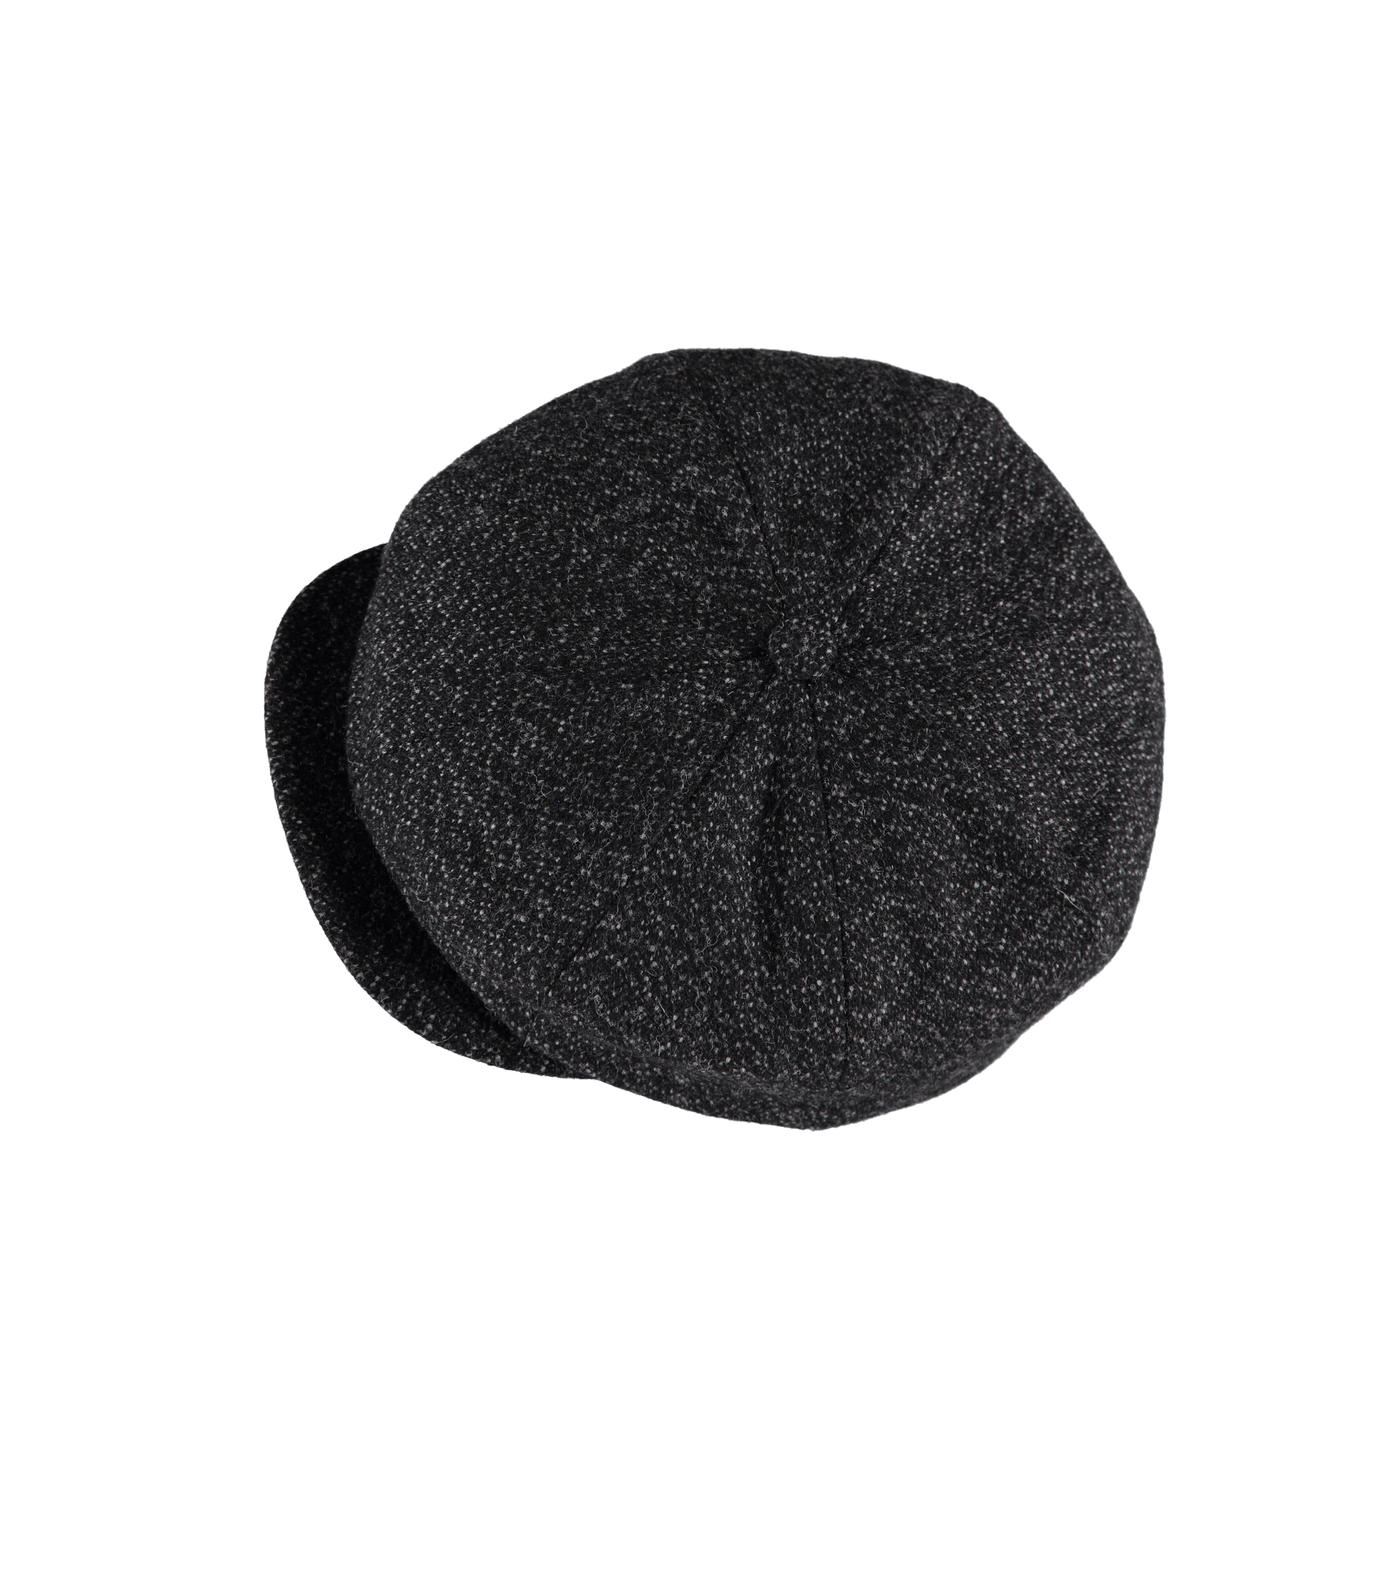 ACCESSORIES - Hats Commune de Paris hxilGqSyvz